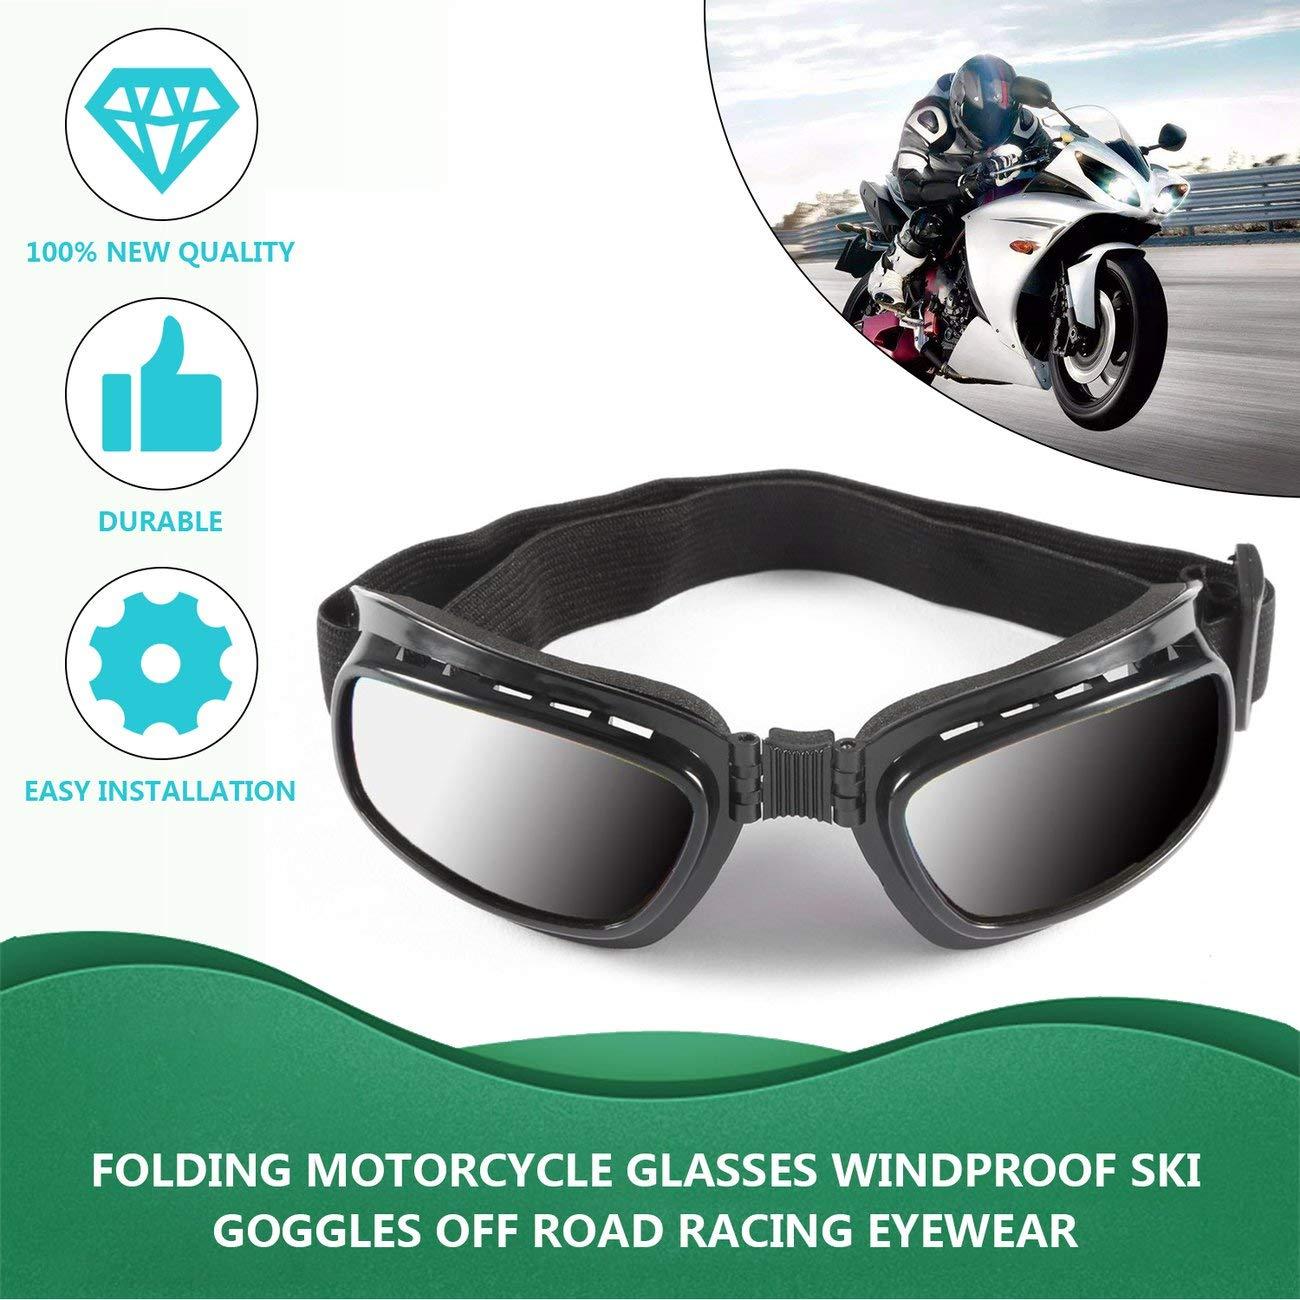 Elviray Occhiali da Moto Pieghevoli Vintage Antivento Antipolvere Sci Occhiali off Road Occhiali da Corsa Occhiali Elastici Regolabili